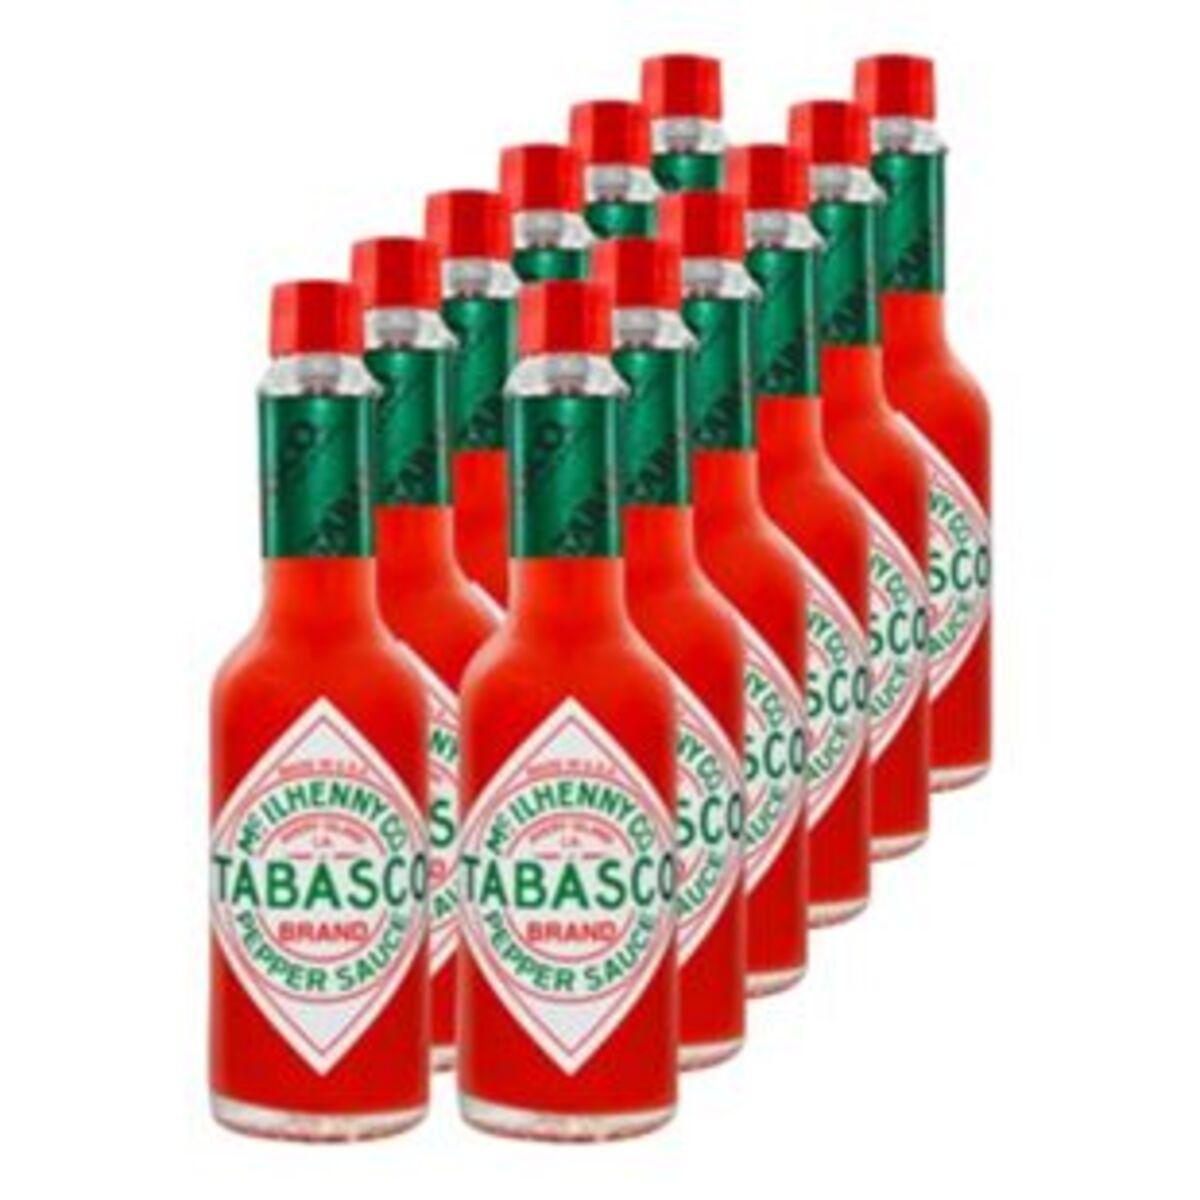 Bild 2 von Tabasco Sauce rote Pfeffersauce 60 ml, 12er Pack